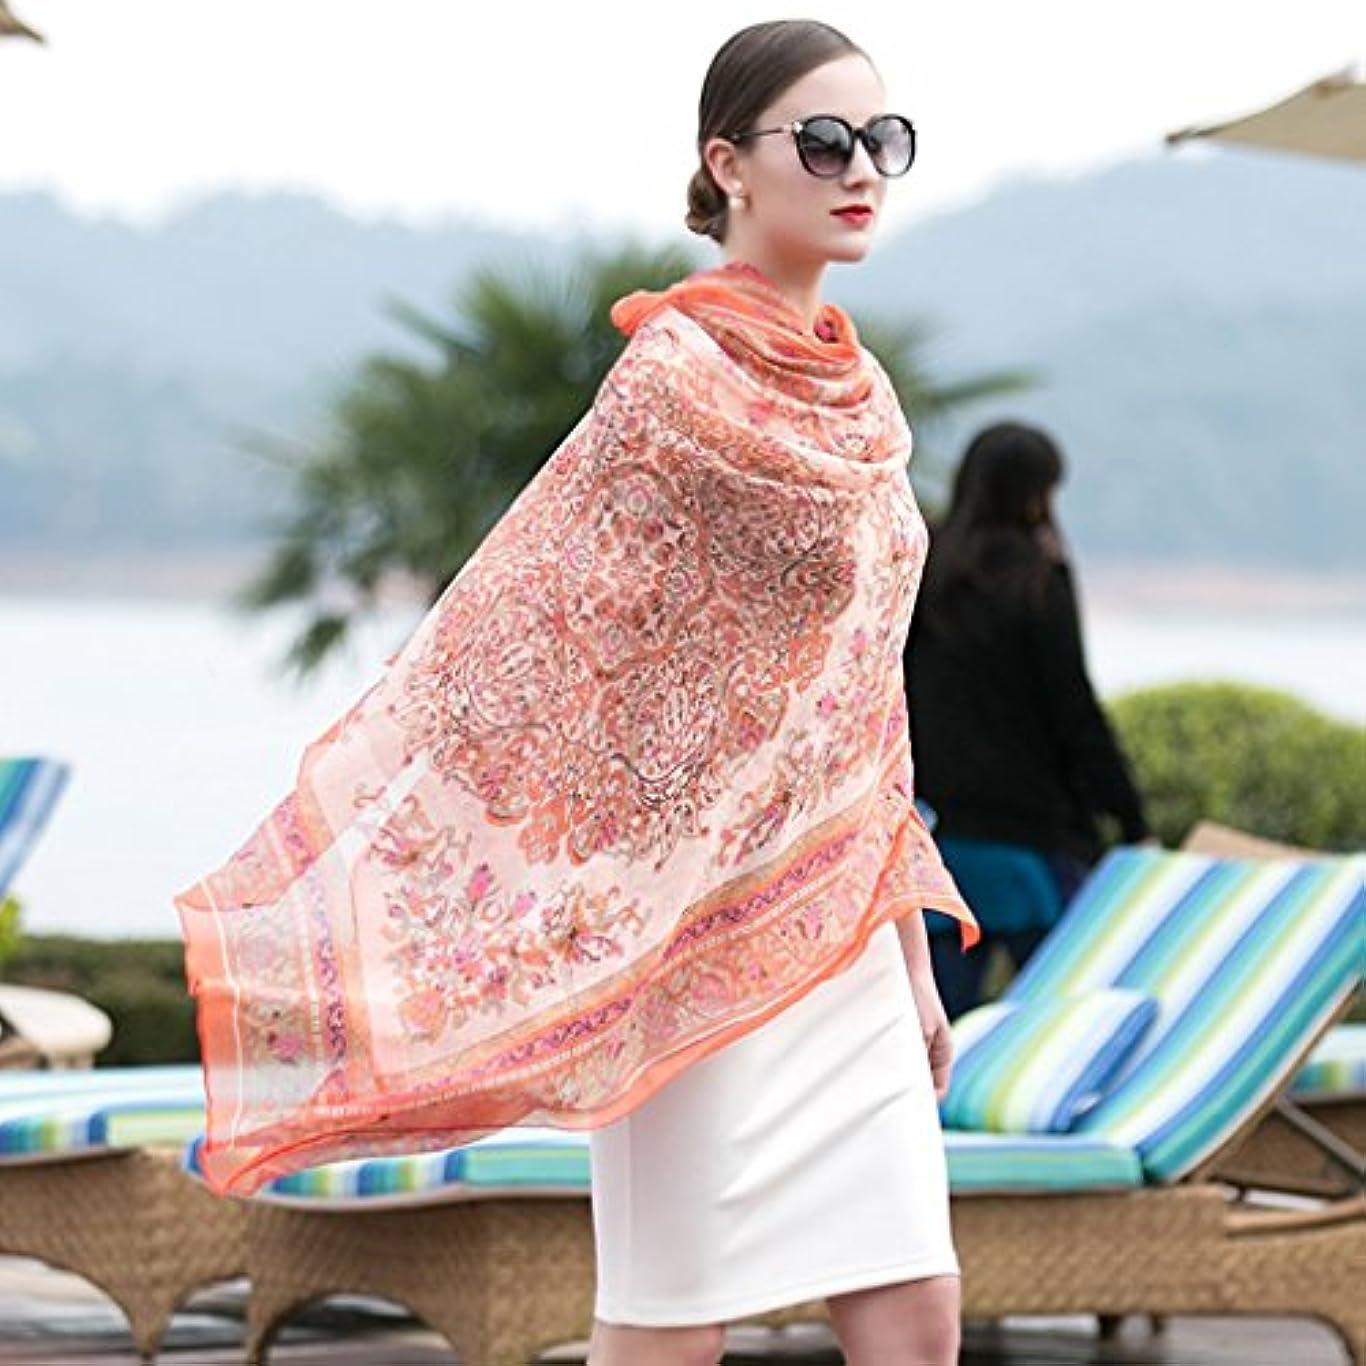 キノコ乳白色仲間サンスクリーンスショールビーチスカーフシルクシルクスーパーサイズスカーフ96.4 * 43.3インチ (Color : Orange)